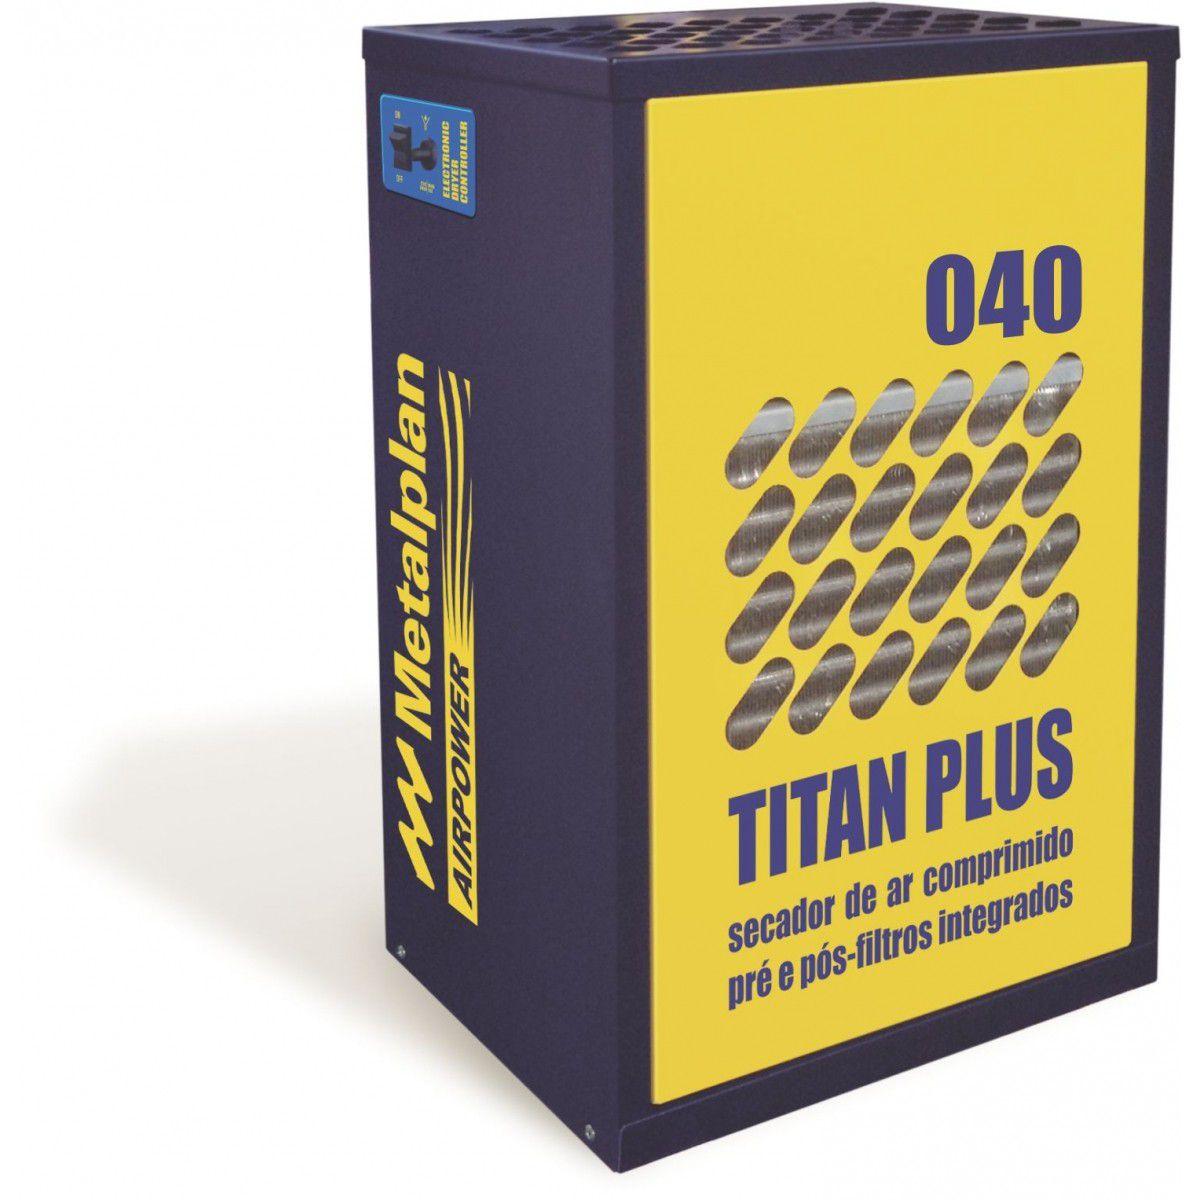 Secador de Ar Refrigerado PRE/POS FILTRO TITAN PLUS 040PCM